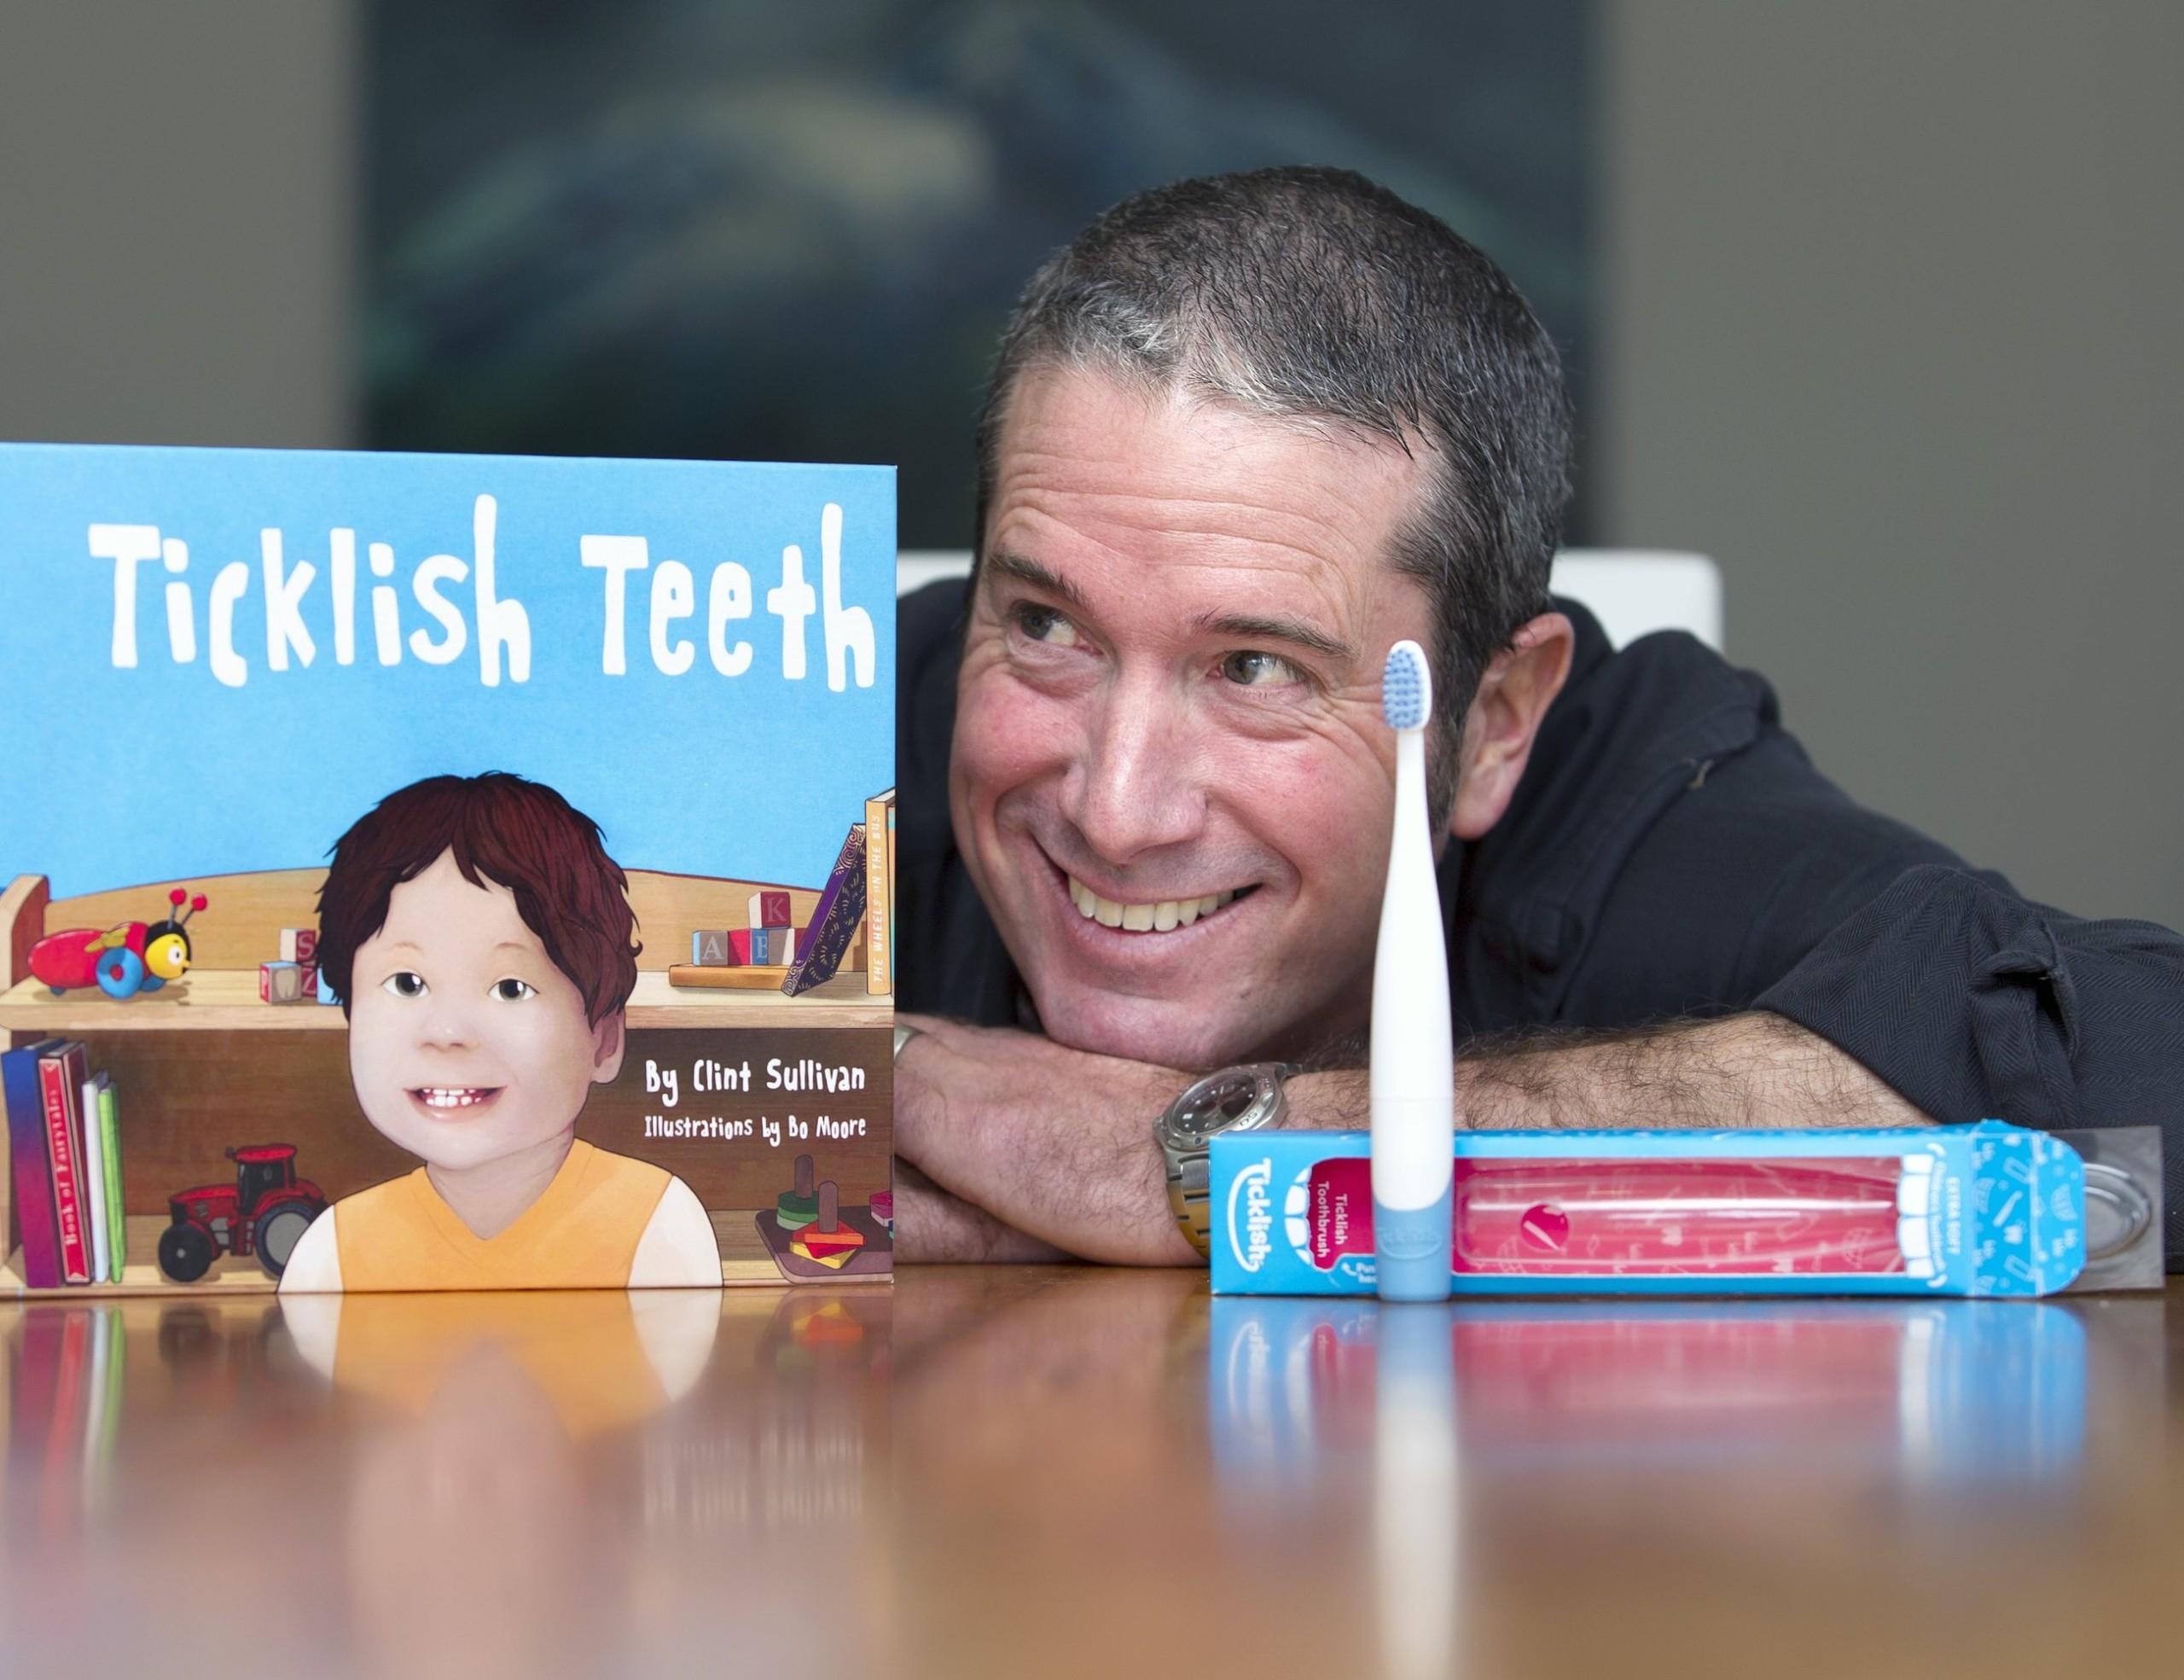 Ticklish Teeth Kids Motion Sensitive Toothbrush